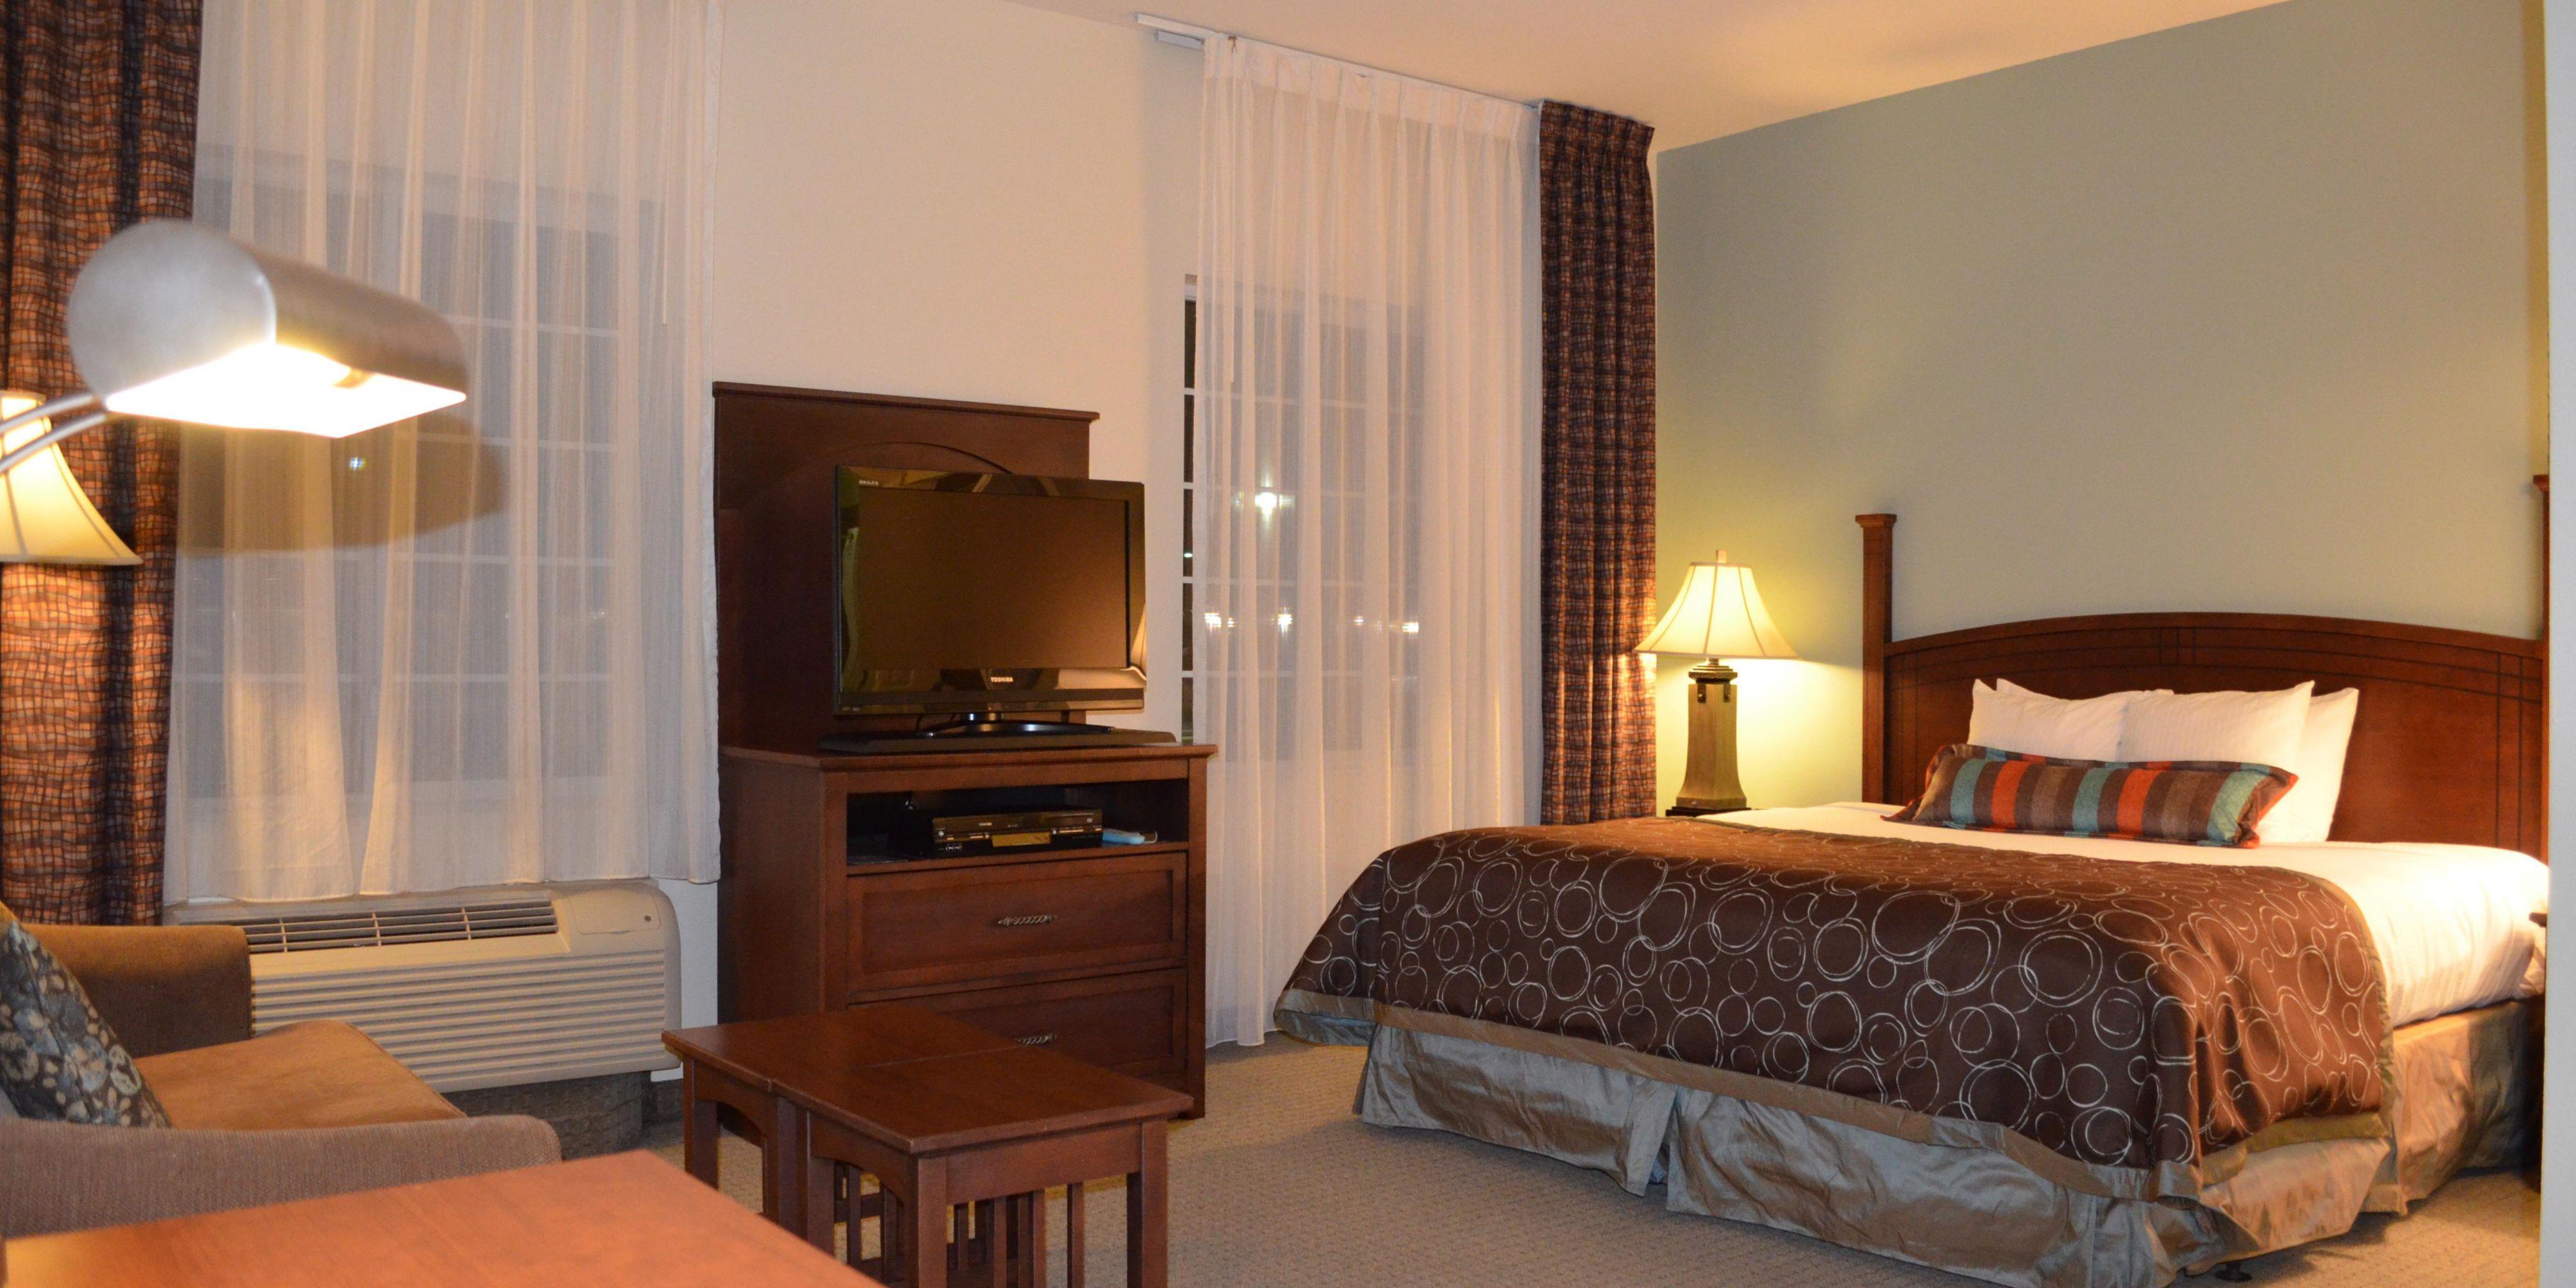 Staybridge Suites Columbus - Fort Benning image 1